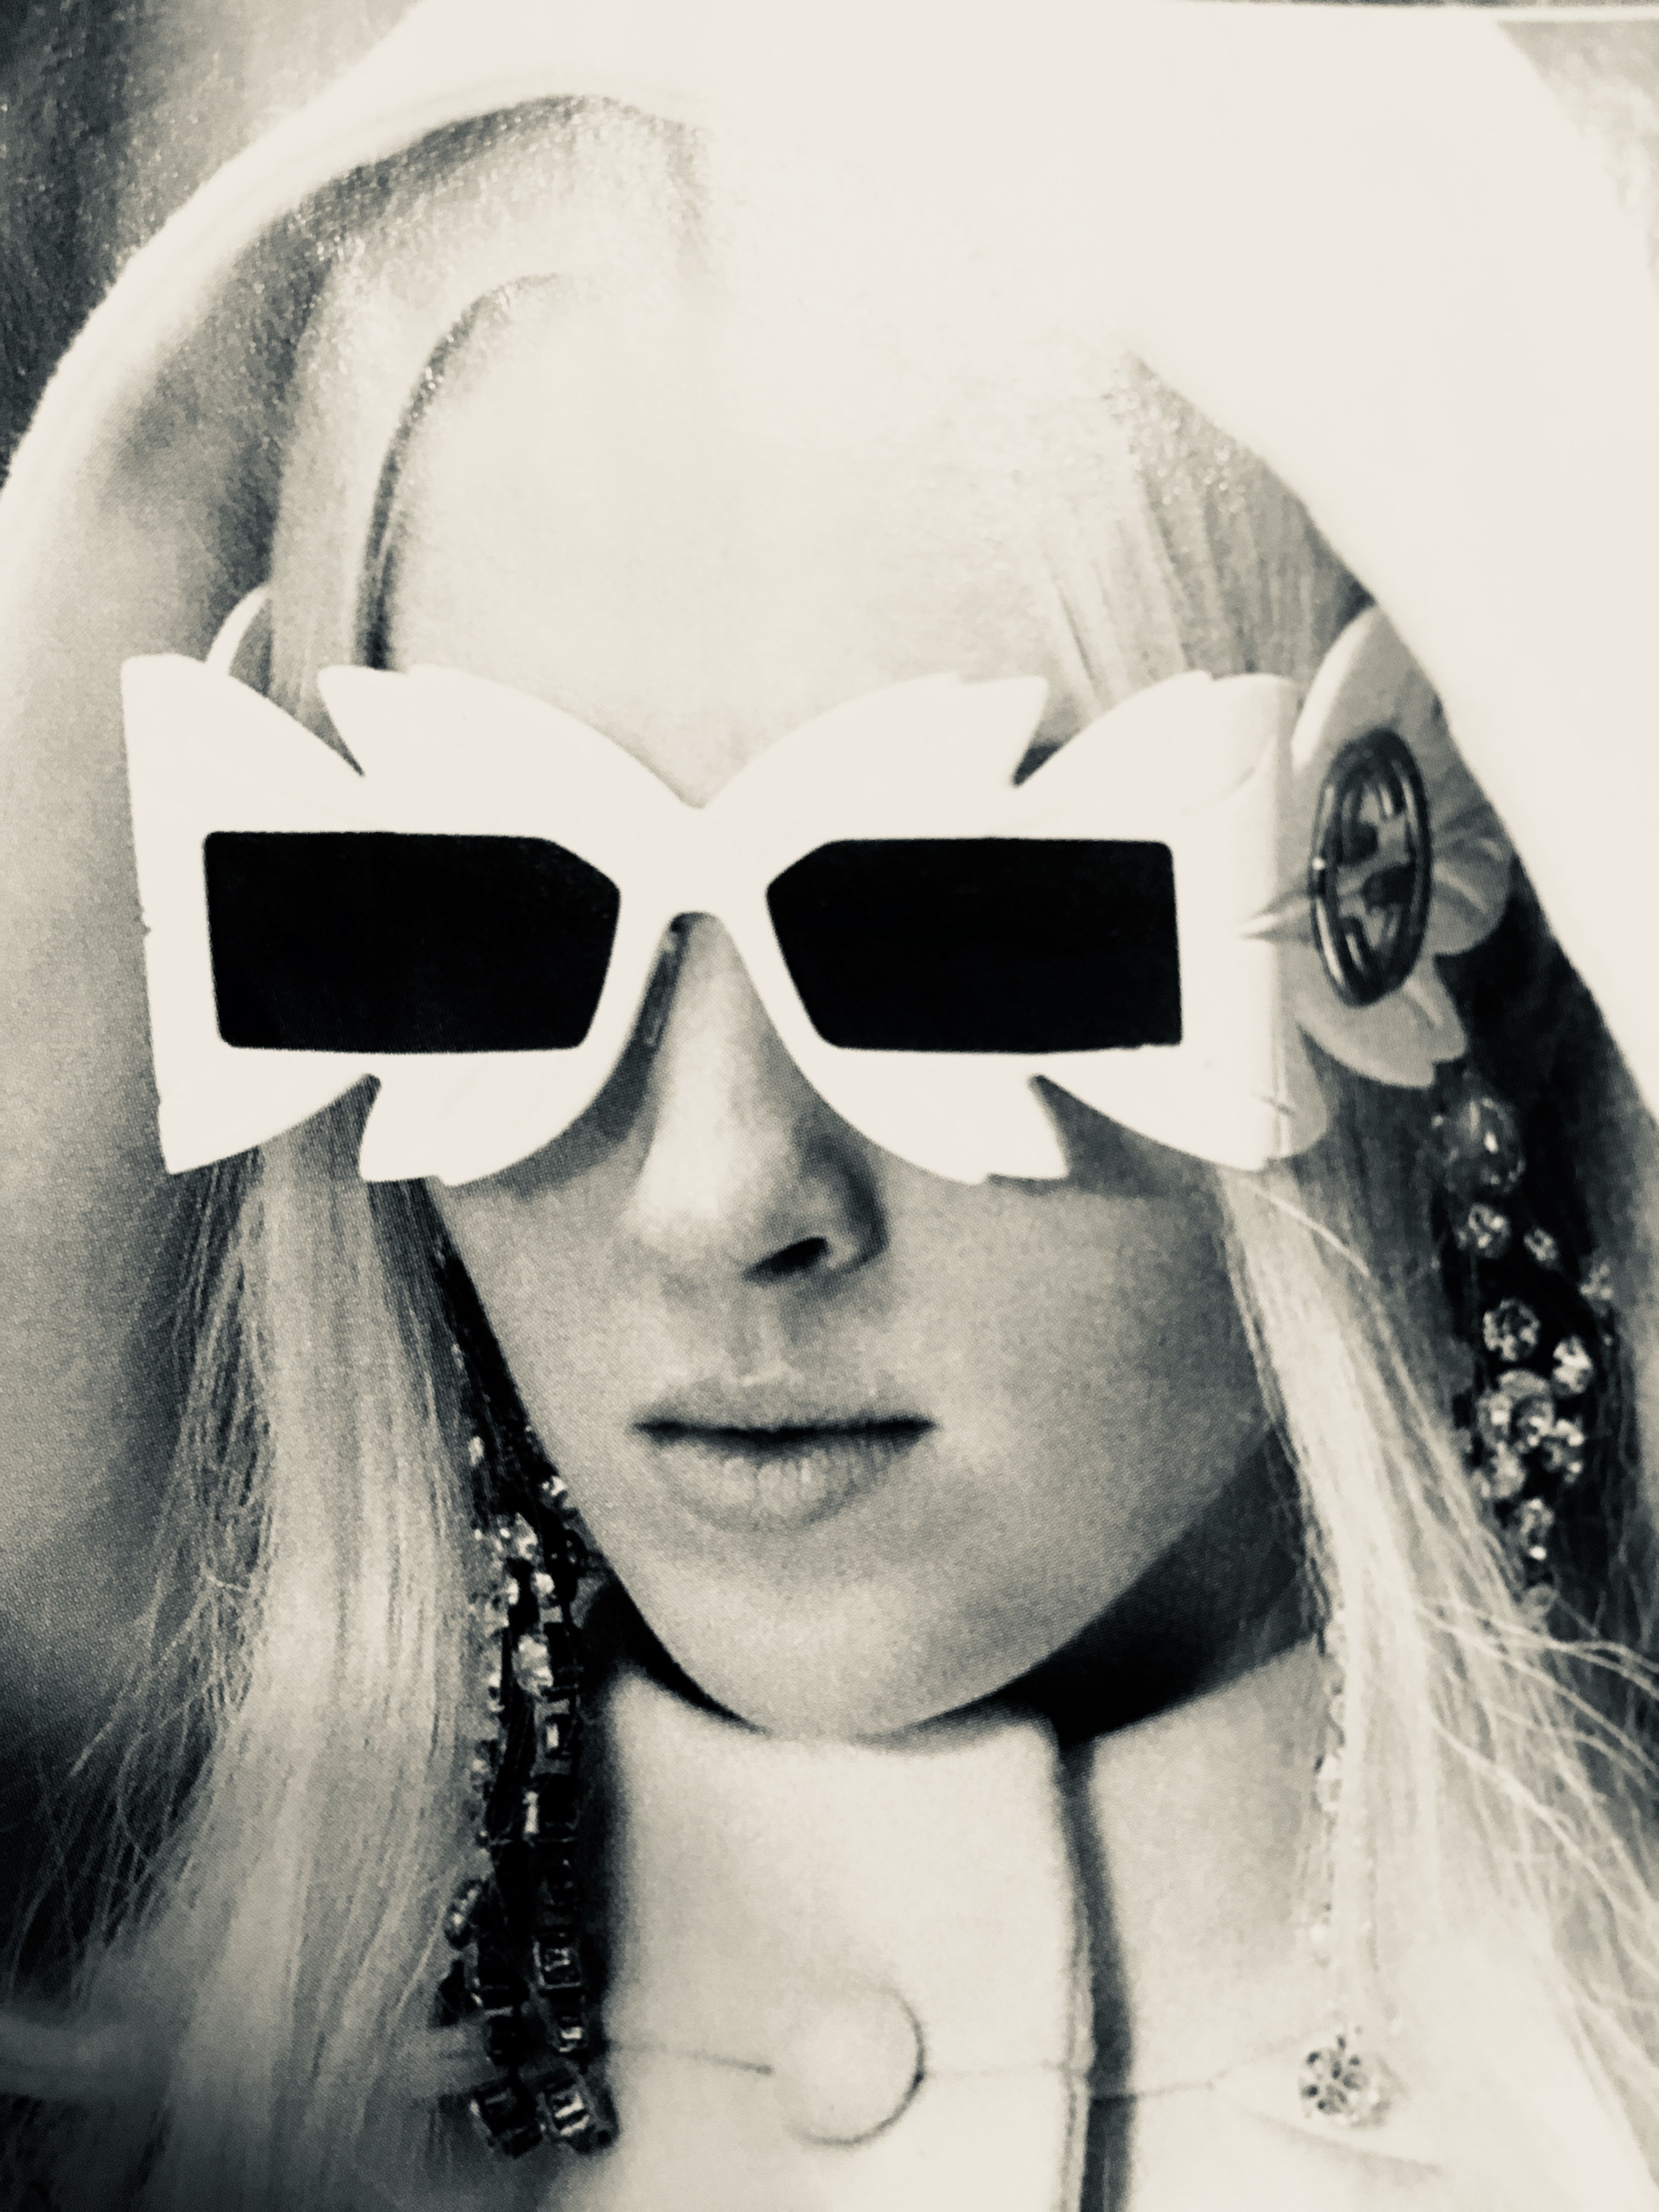 future VR specs (Gucci)